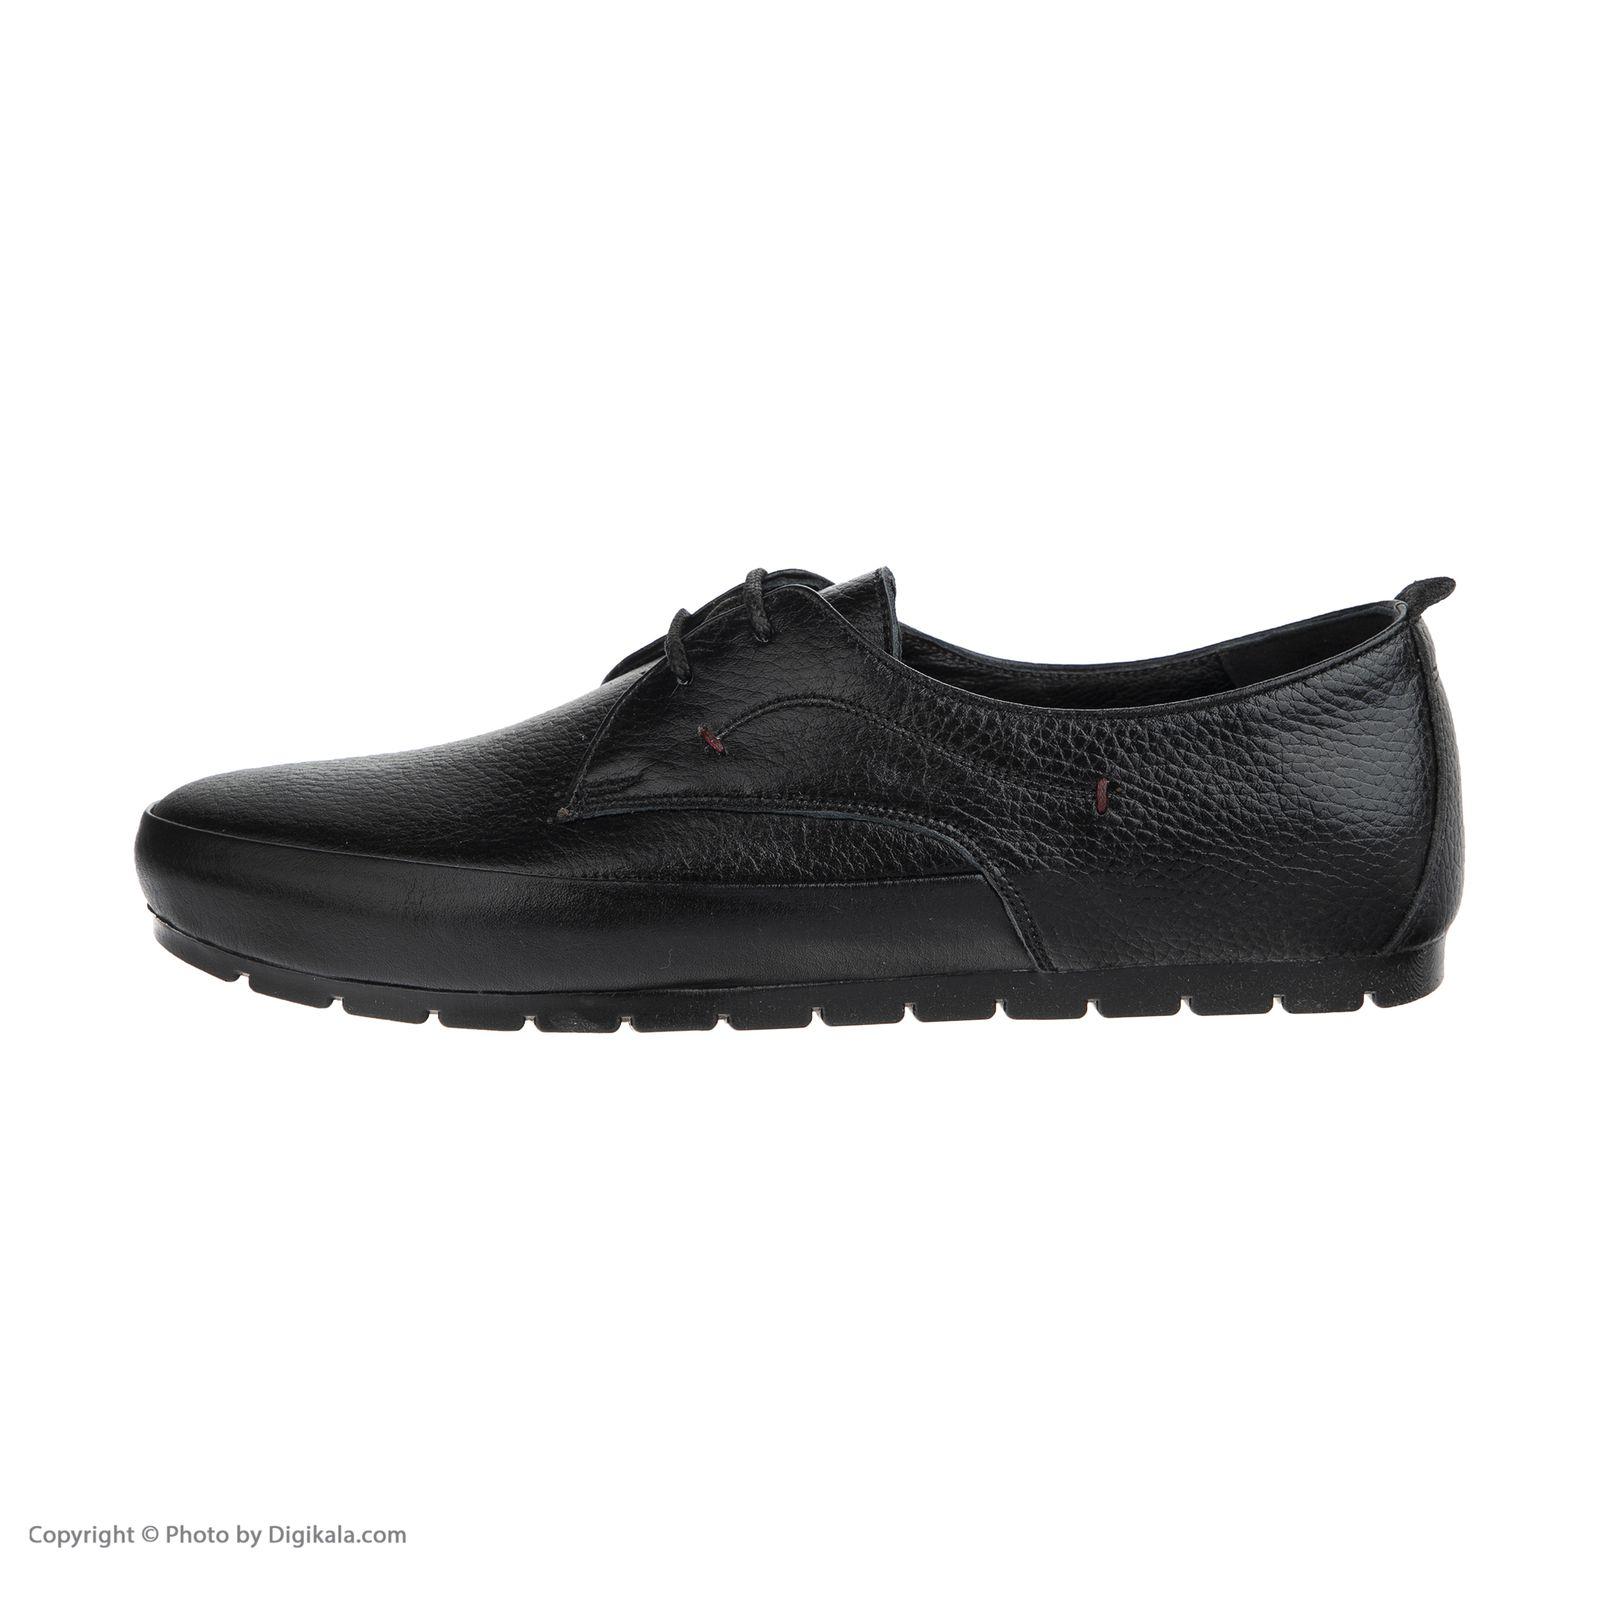 کفش روزمره زنانه شیفر مدل 5313b500101 main 1 1